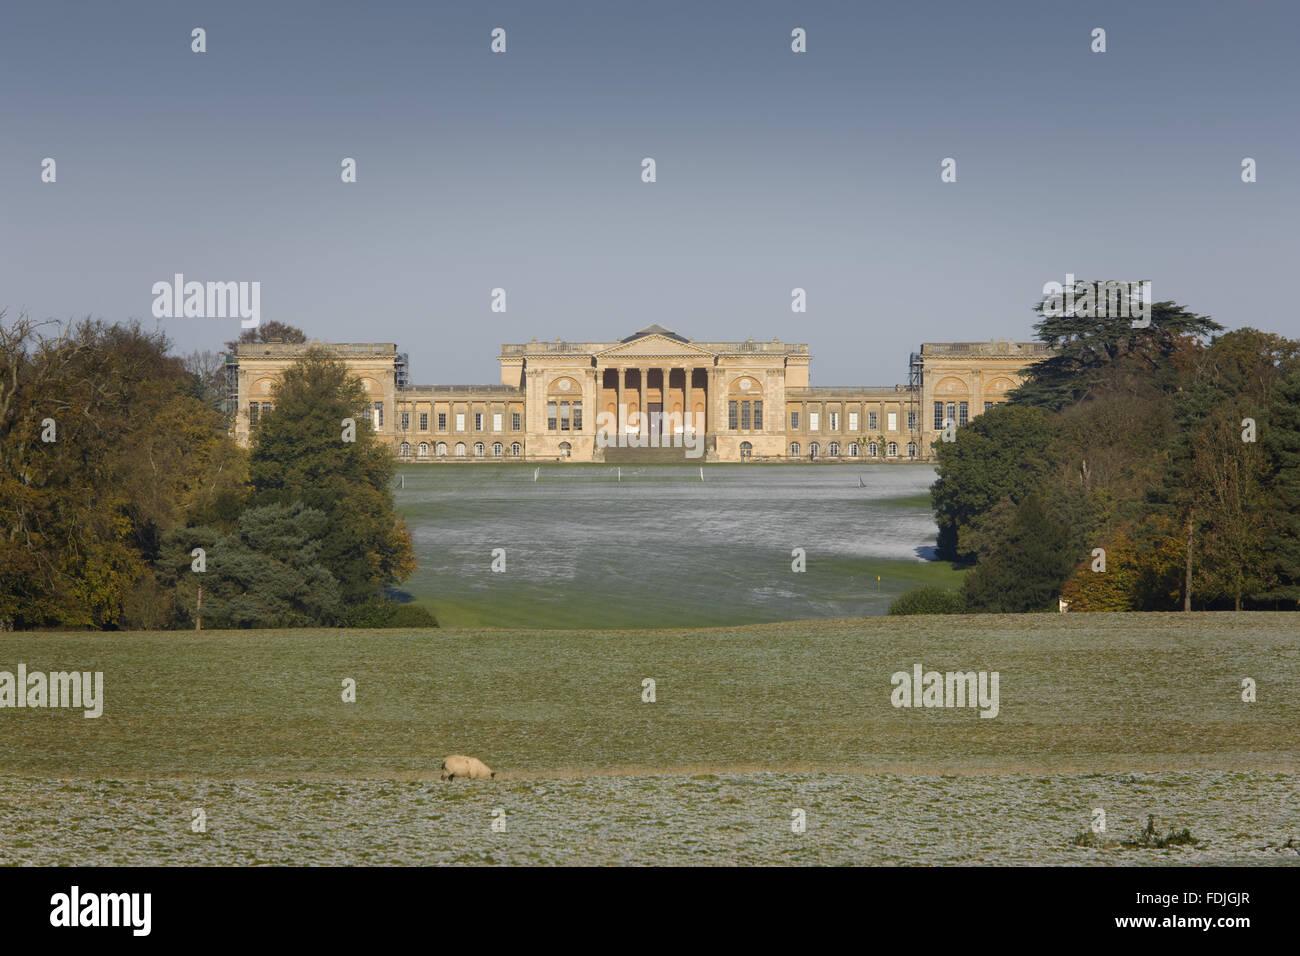 Vue vers le sud avant de la maison, maintenant utilisé comme une école, remanié au xviiie siècle à Stowe paysage de jardins, dans le Buckinghamshire. Image montre bien qui n'est pas propriété du National Trust Banque D'Images